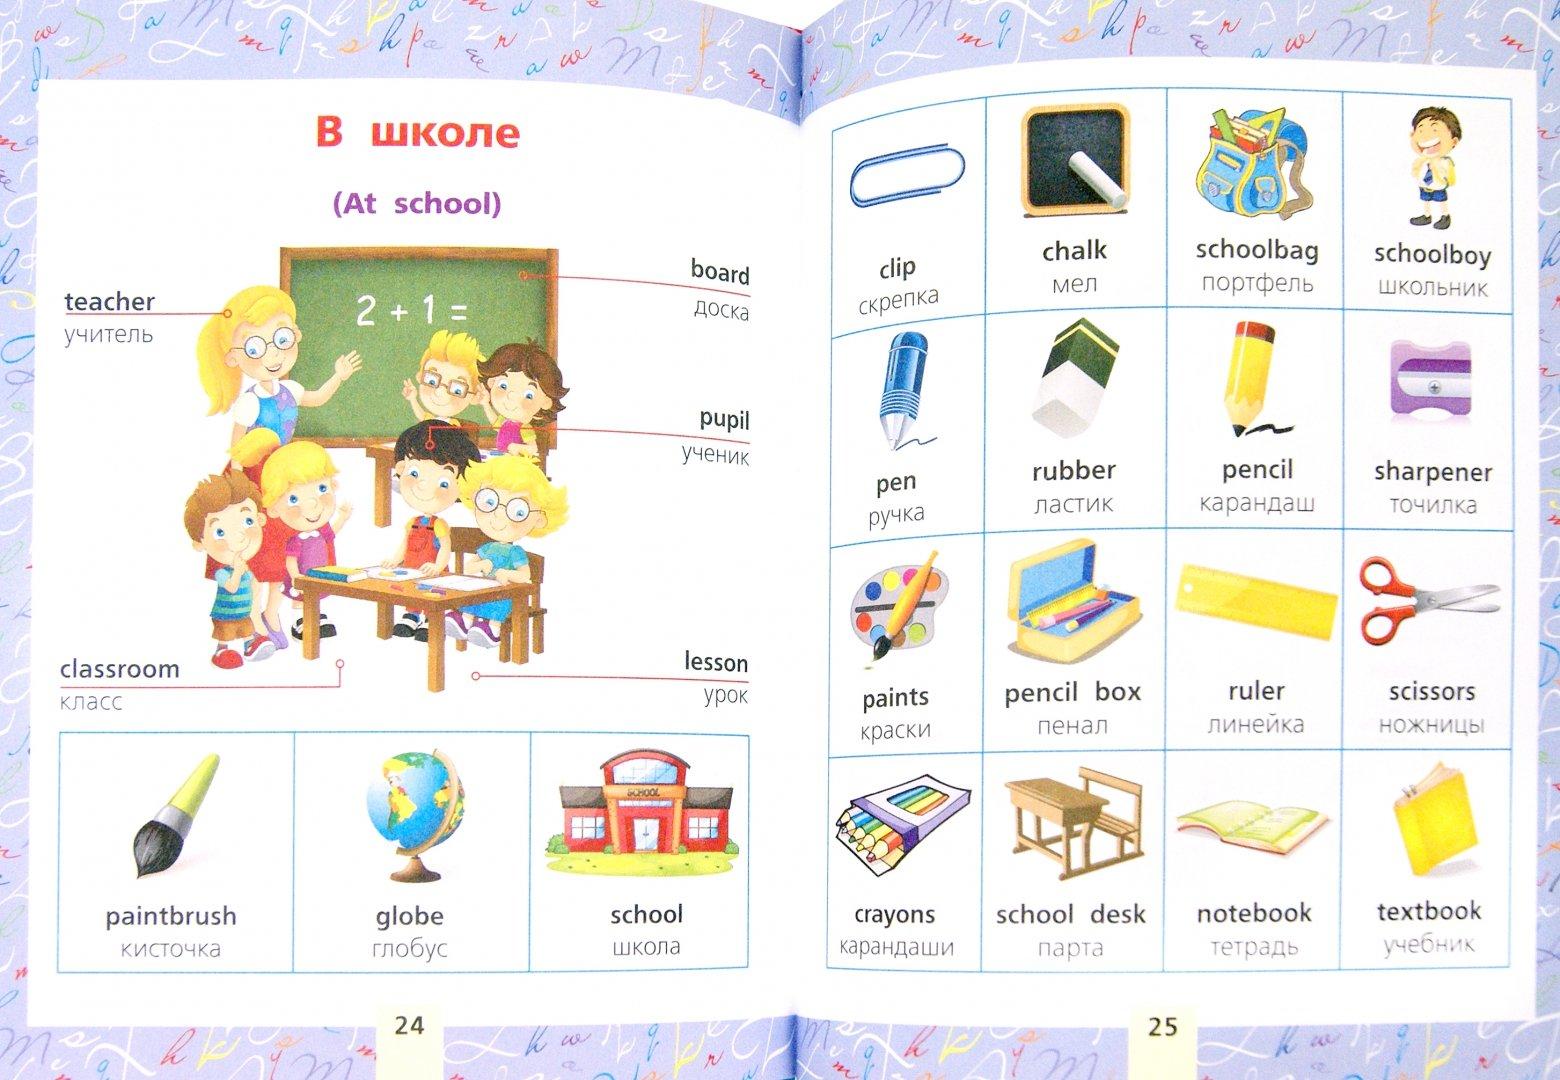 Живыми, картинки по английскому языку для детей 2 класса с переводом